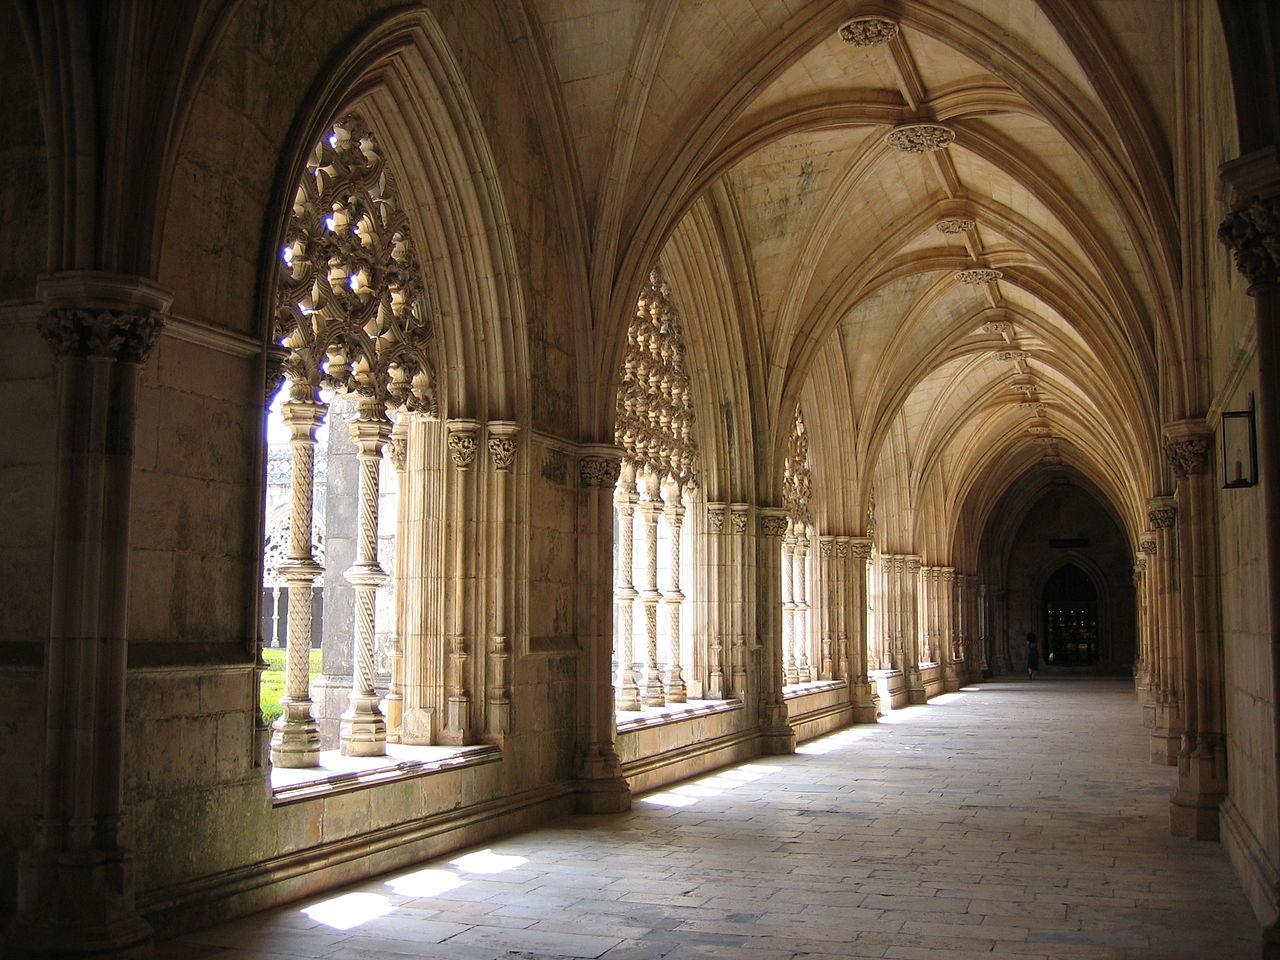 Fue mandado edificar por el rey Juan I de Portugal, agradeciendo a la Virgen María por el auxilio divino que le permitió obtener la victoria en la Batalla de Aljubarrota, en 1385, contra la corona de Castilla.